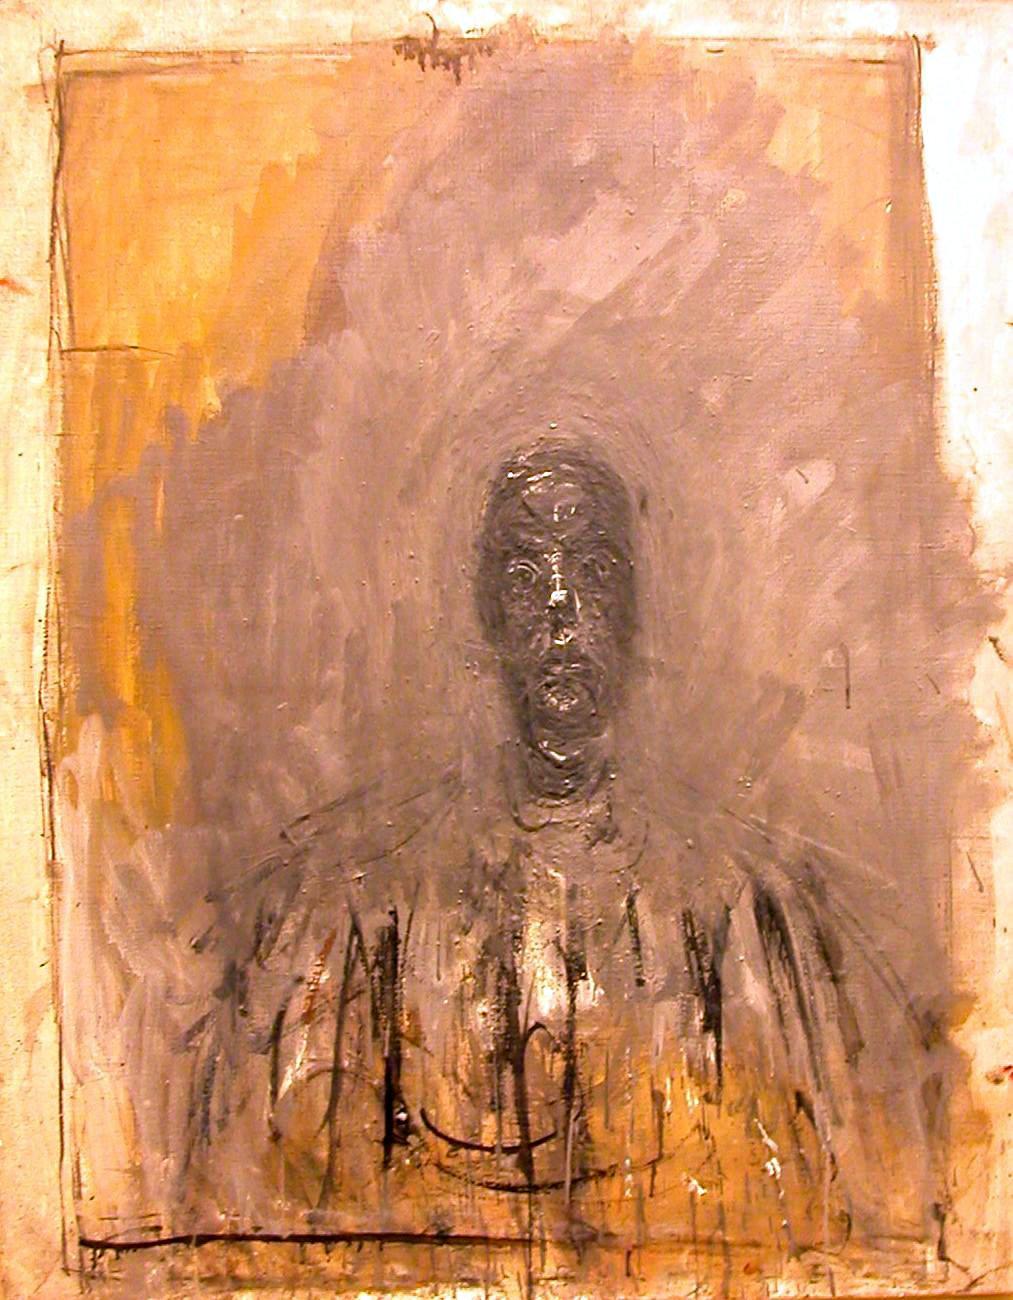 Alberto Giacometti, Tête noire, 1960